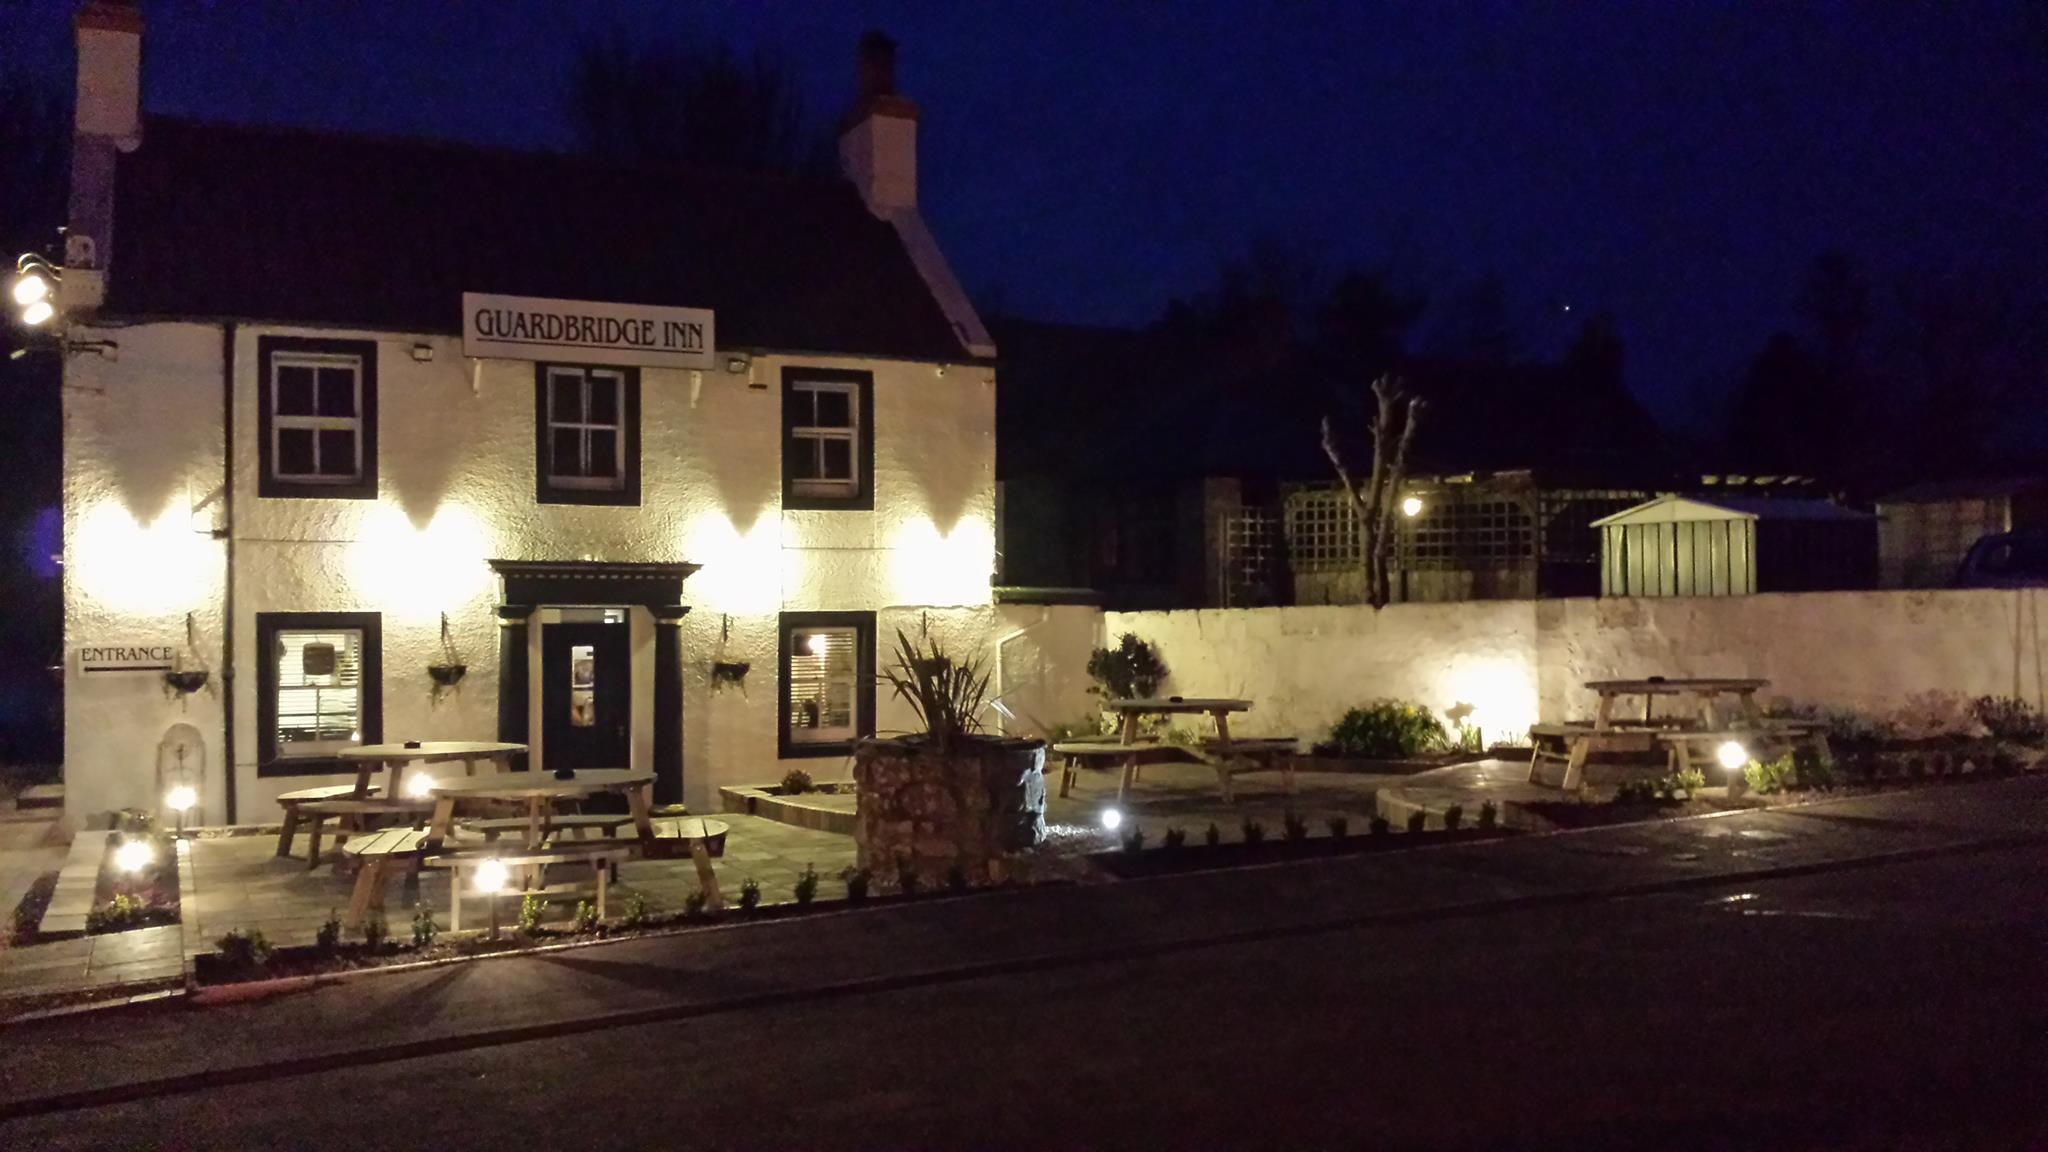 The Guardbridge Inn